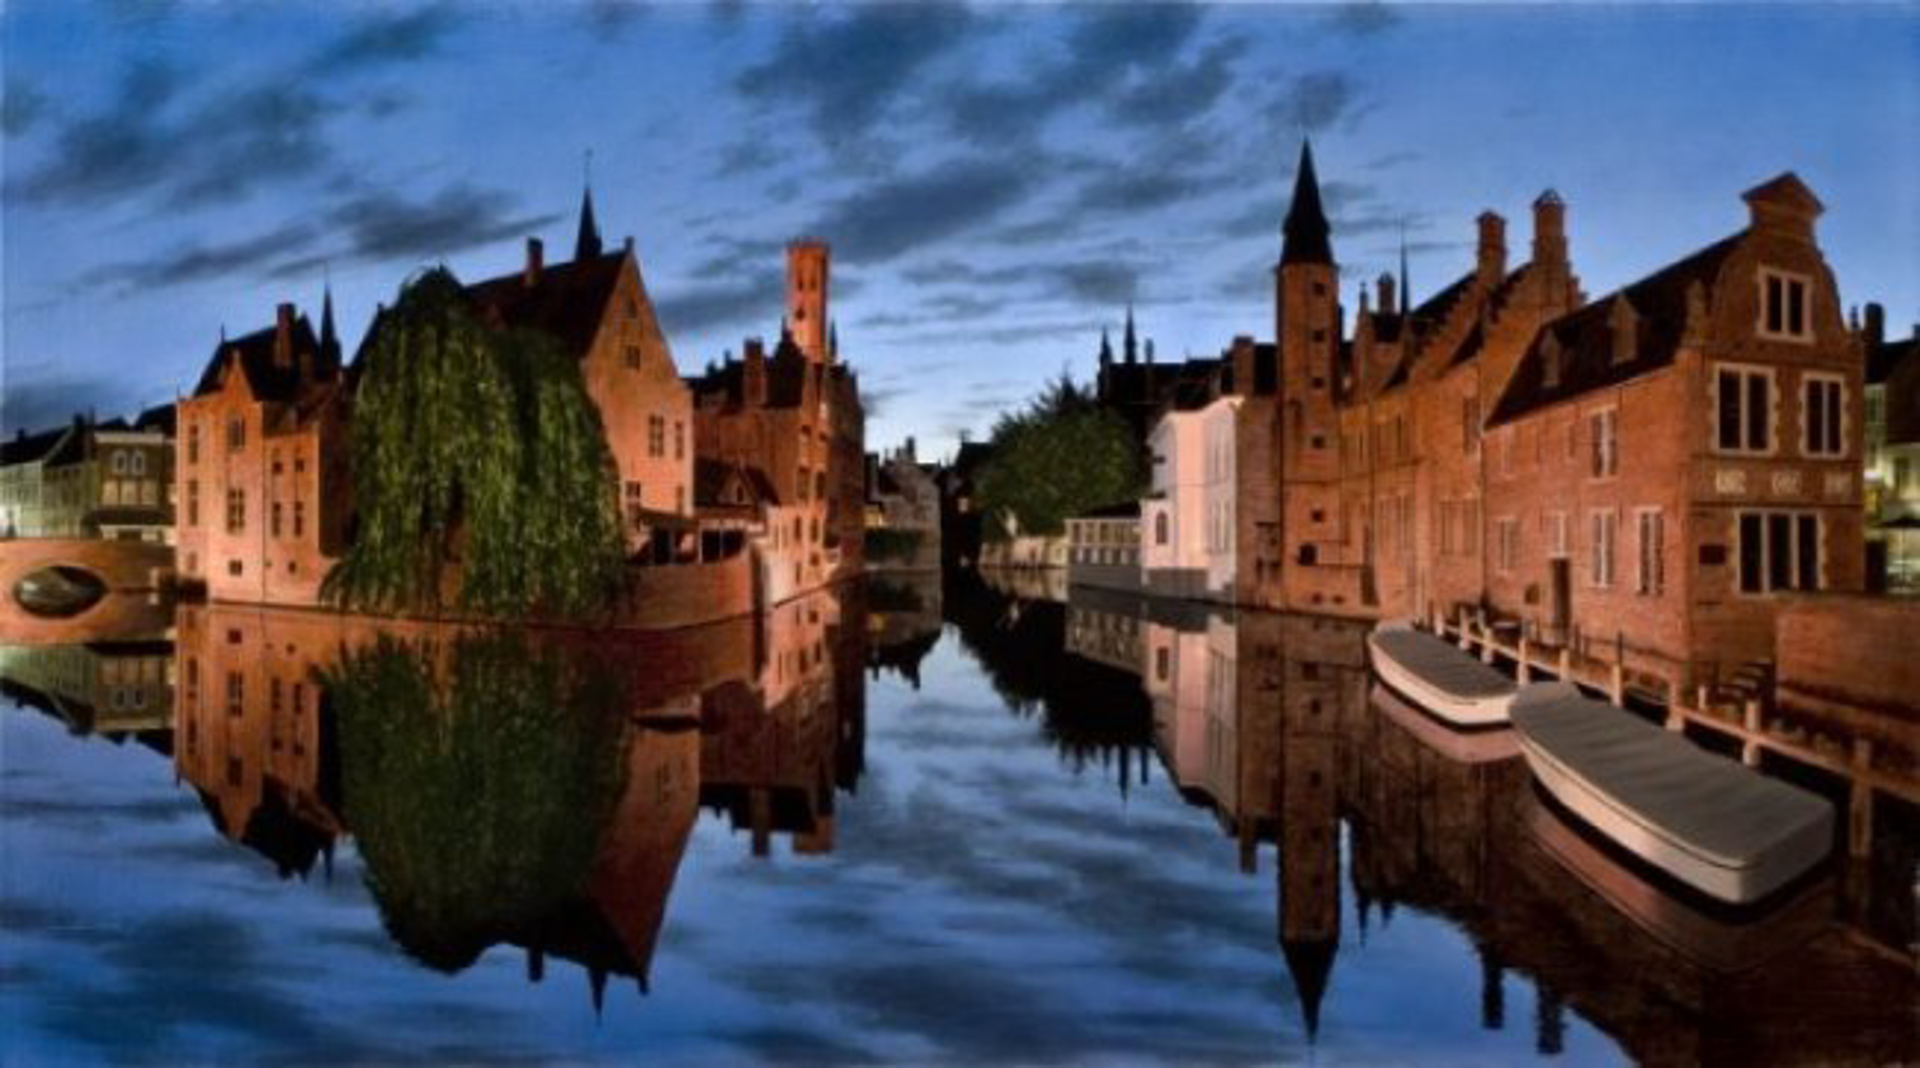 Evening in Bruges by Alexander Volkov